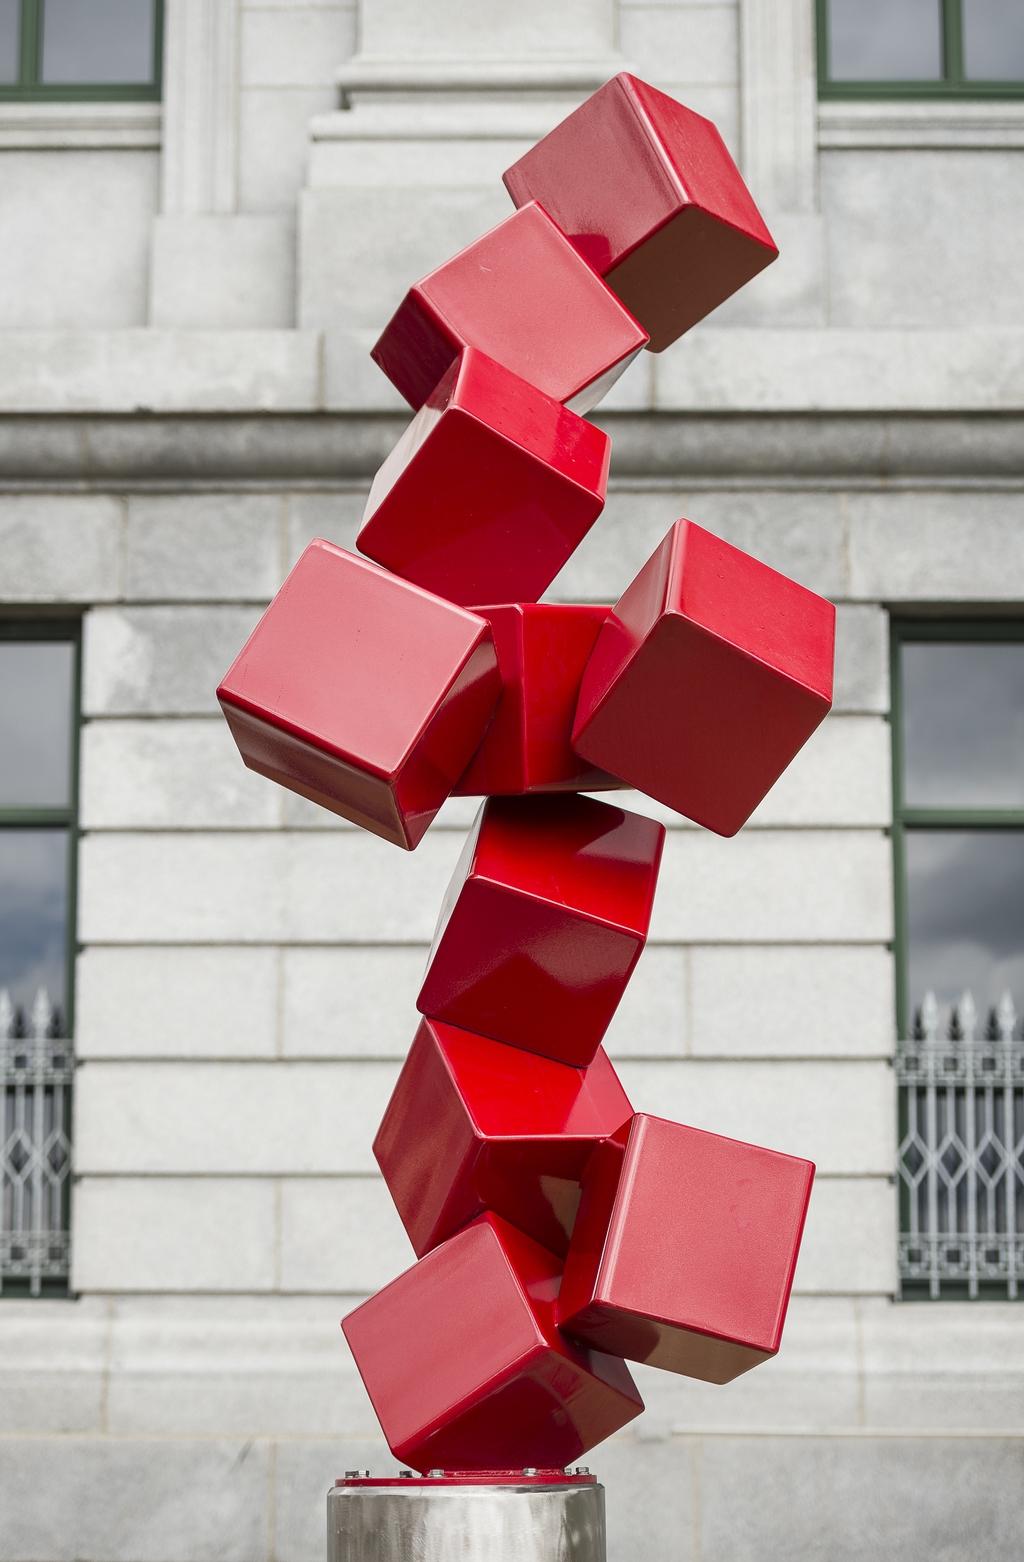 10 Pieds cubes rouges par seconde